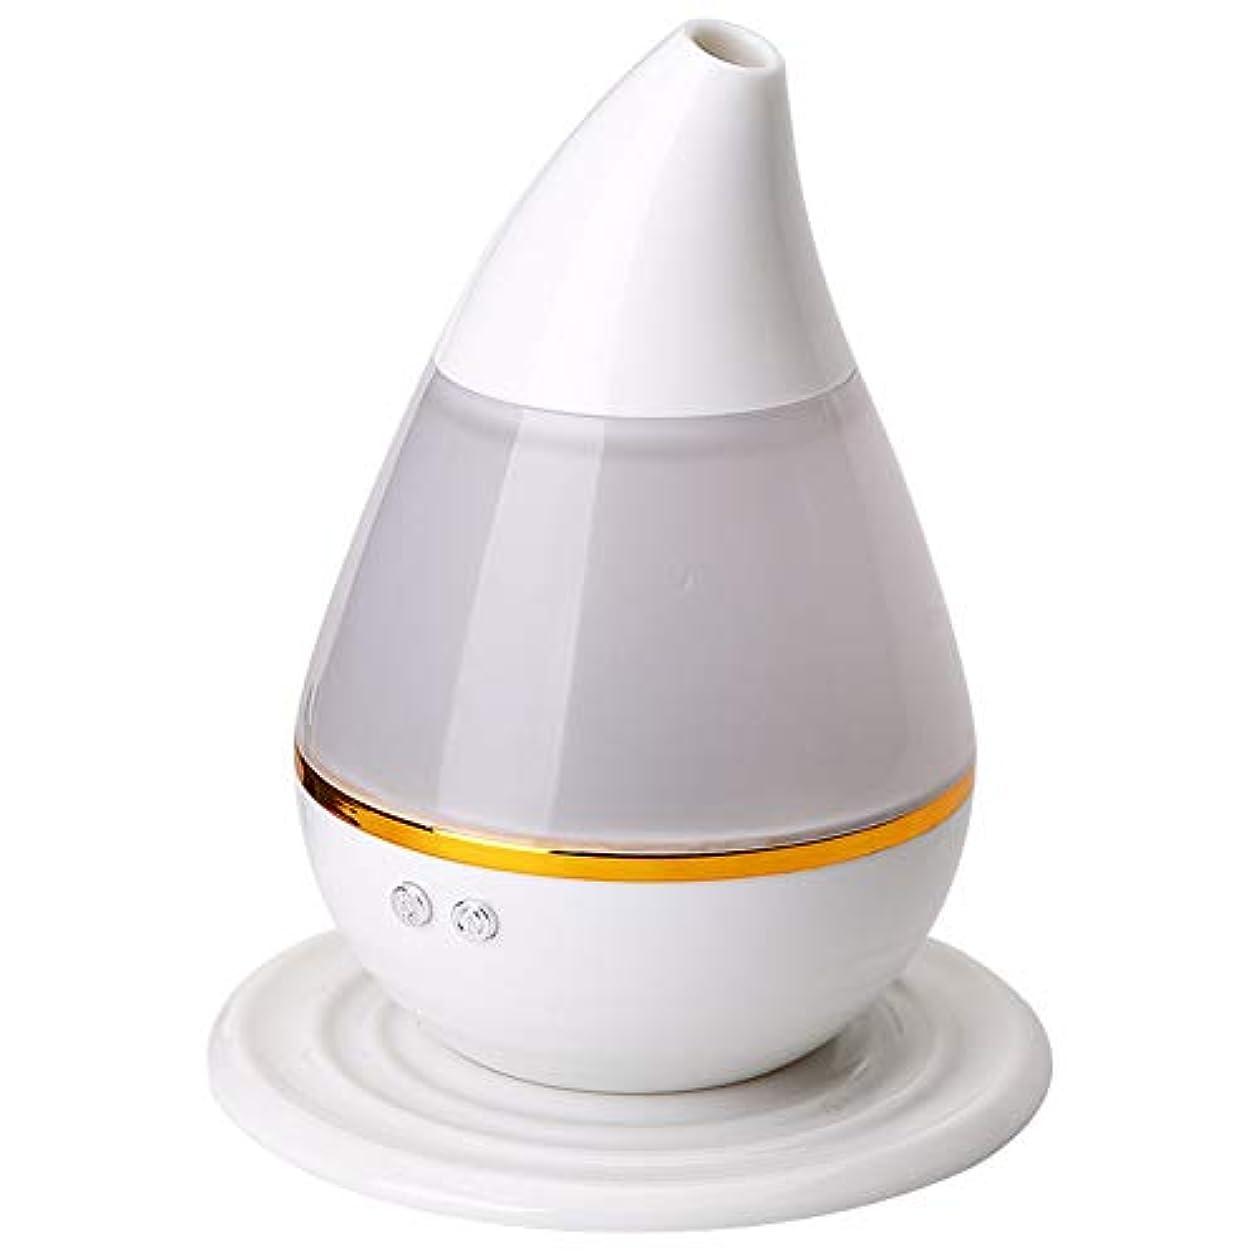 欠員量でお尻エッセンシャル オイル ディフューザー, 涼しい霧の加湿器 7色LEDムードランプ そして 自動シャットオフ アロマディフューザー の ホーム オフィス Yoga 車-ホワイト 12x15cm